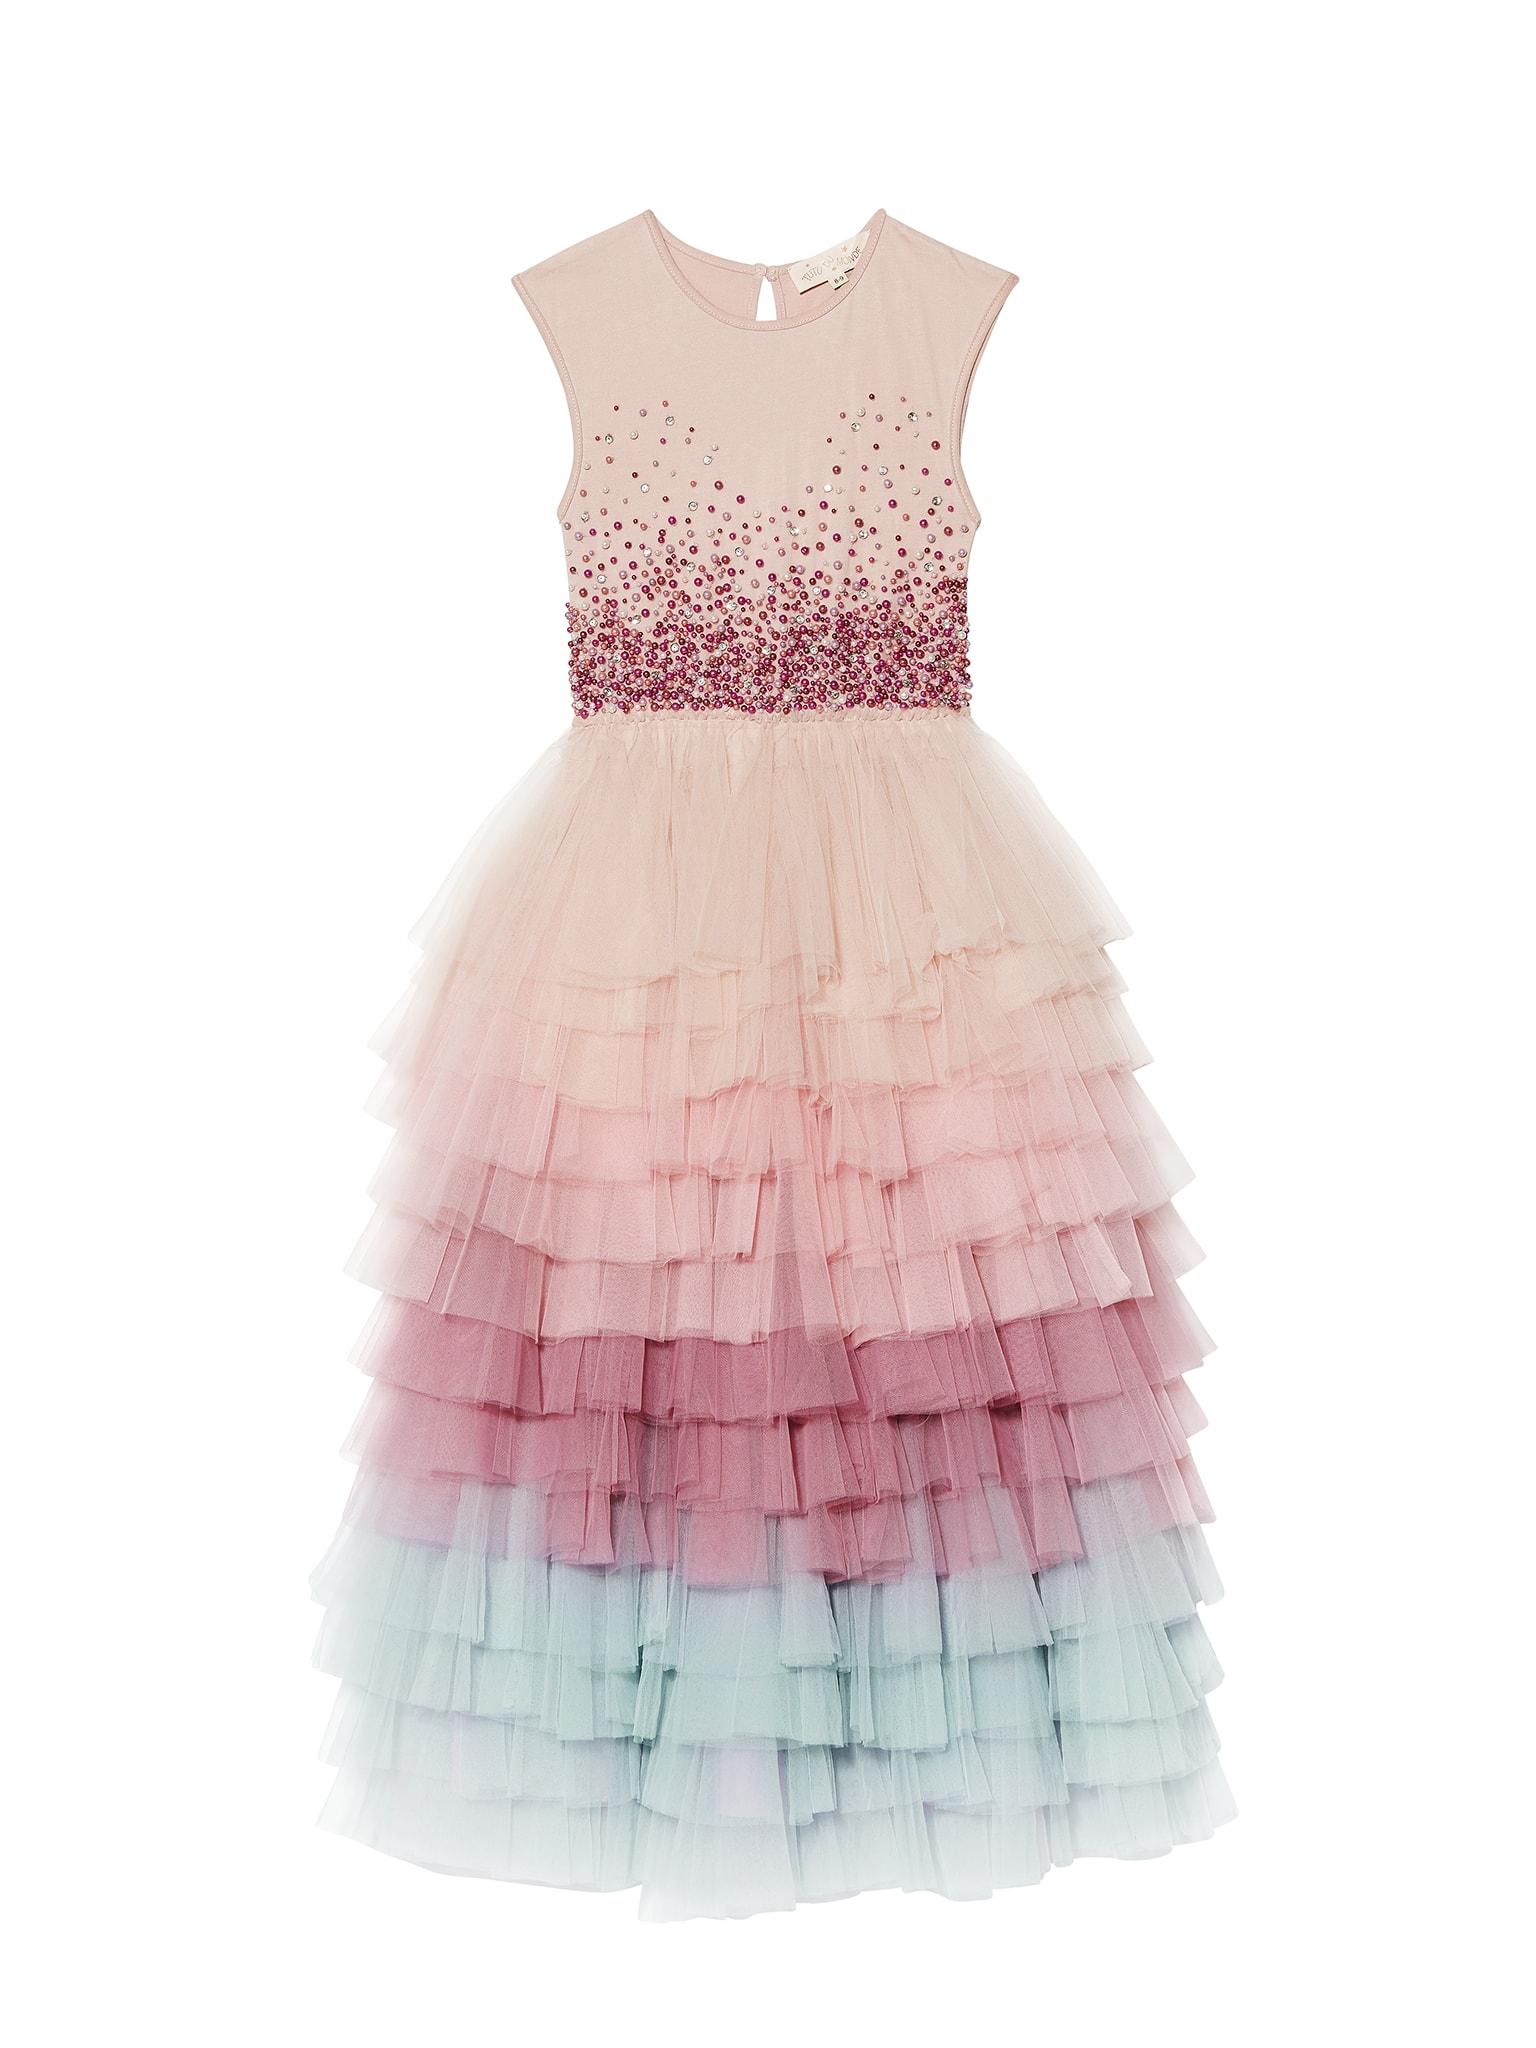 Tdm4109 moment to shine long tutu dress 01 min